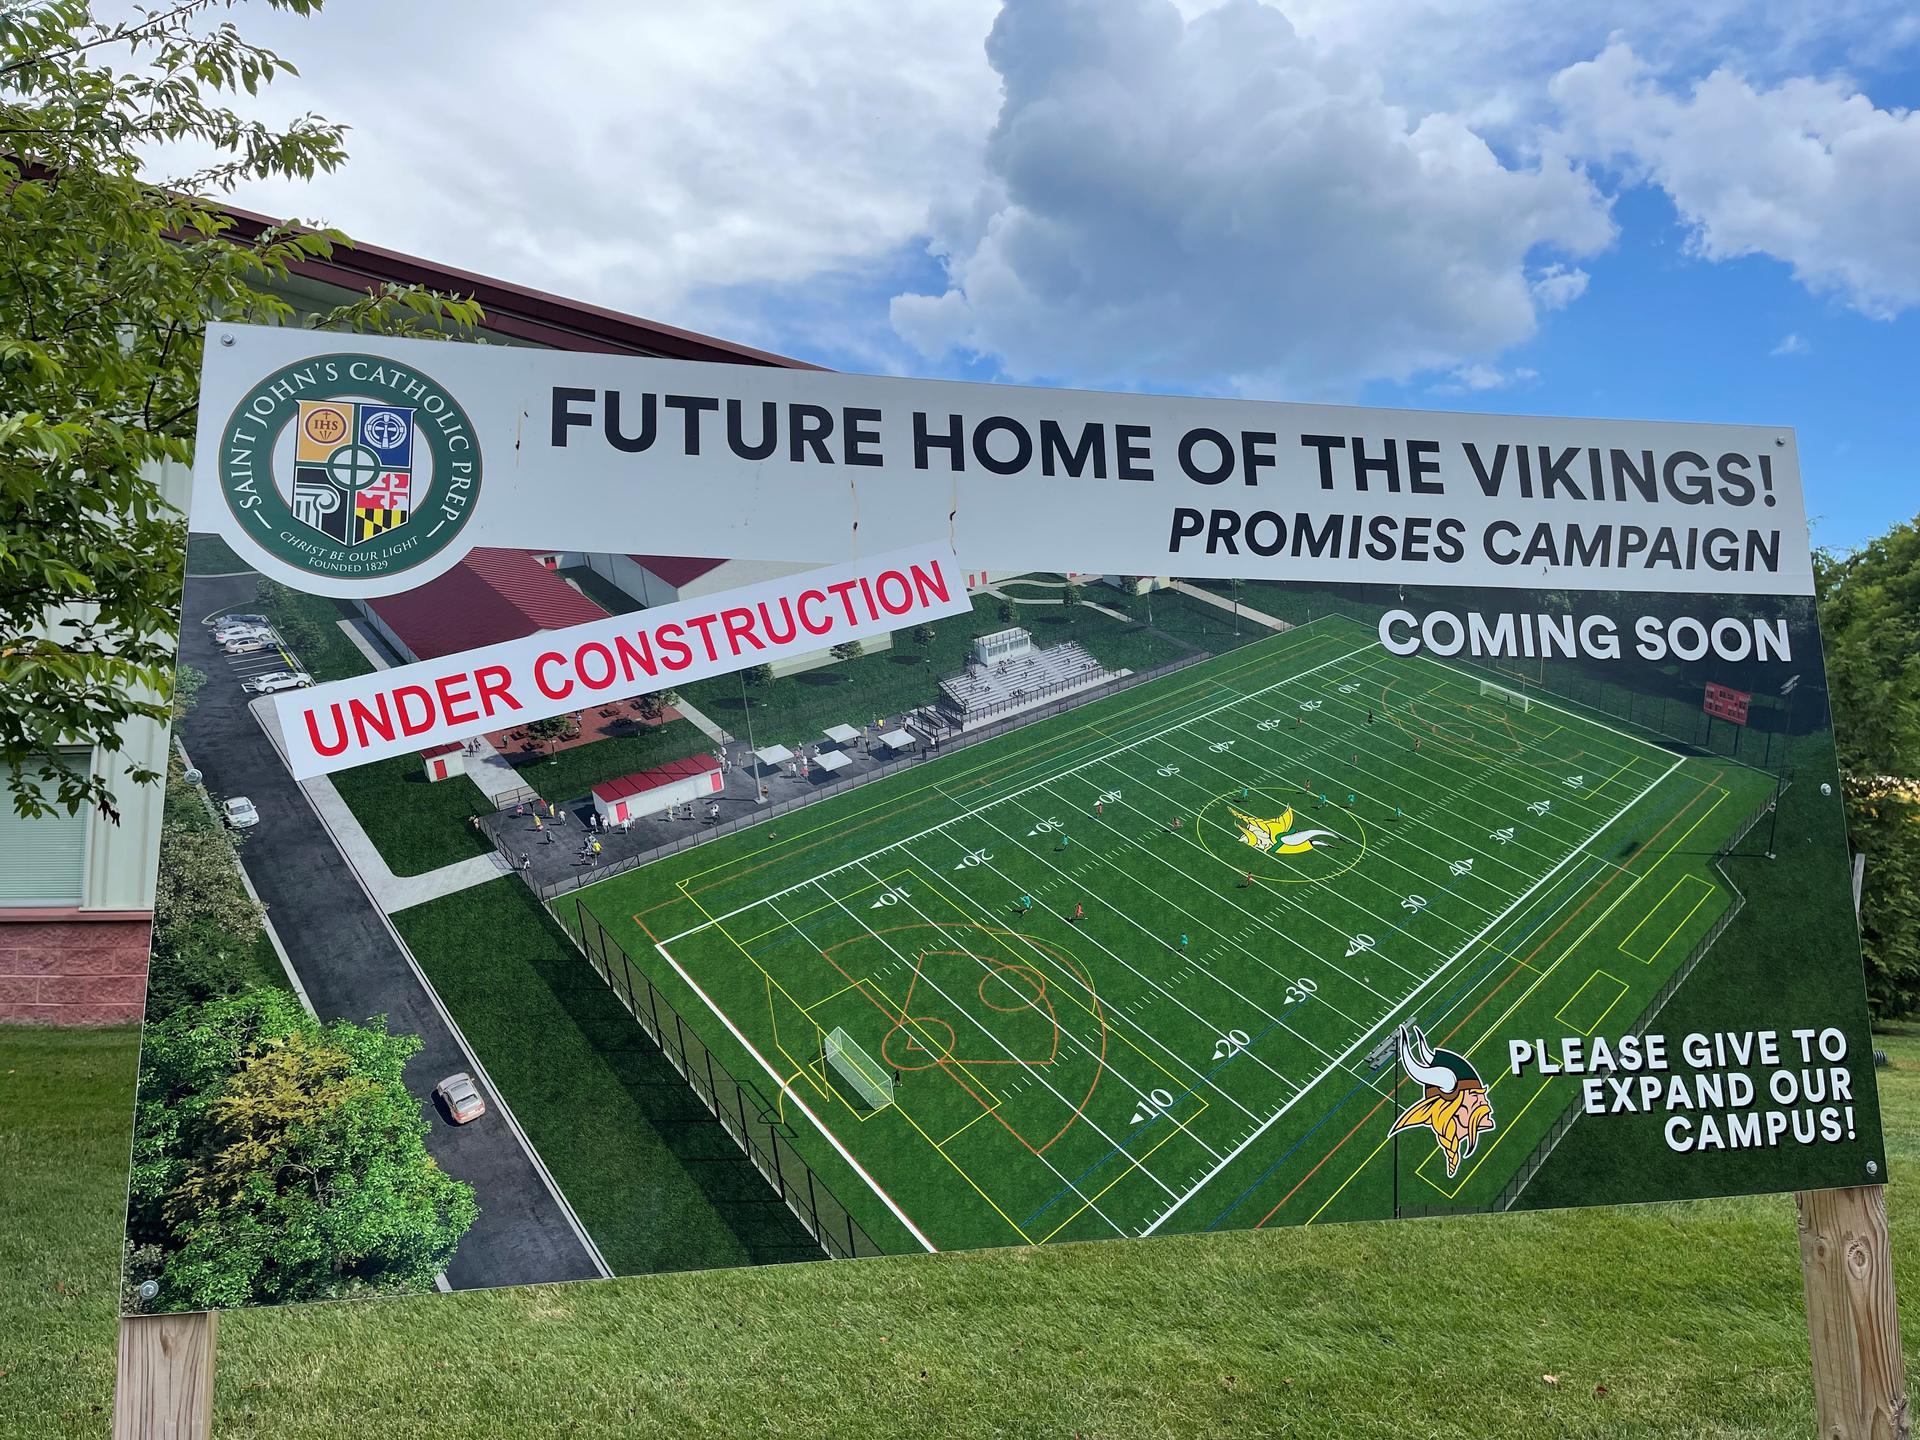 Future Home of the Vikings!